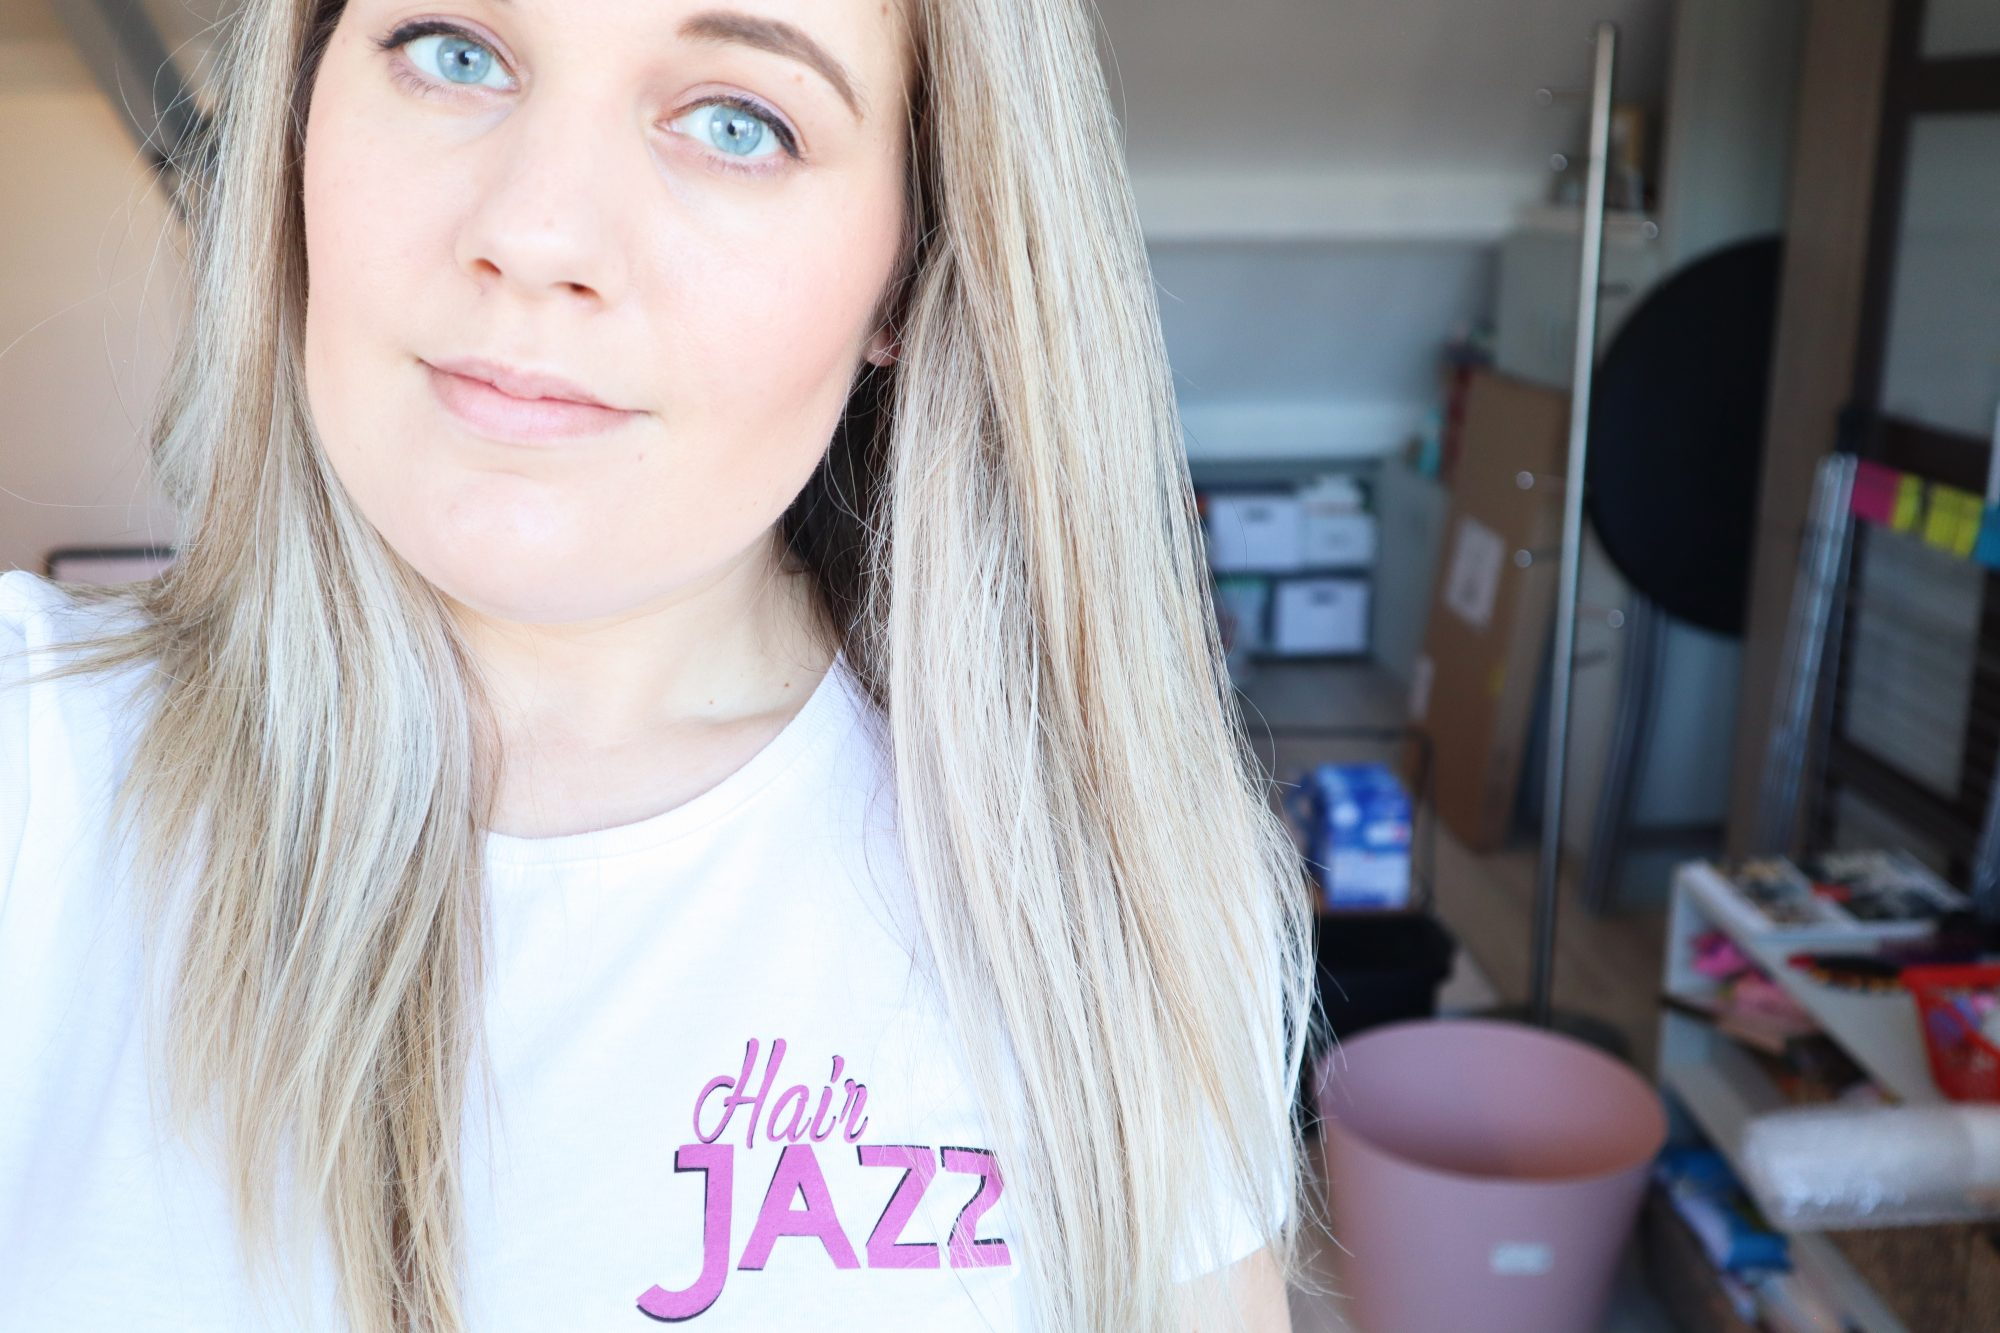 Hair Jazz